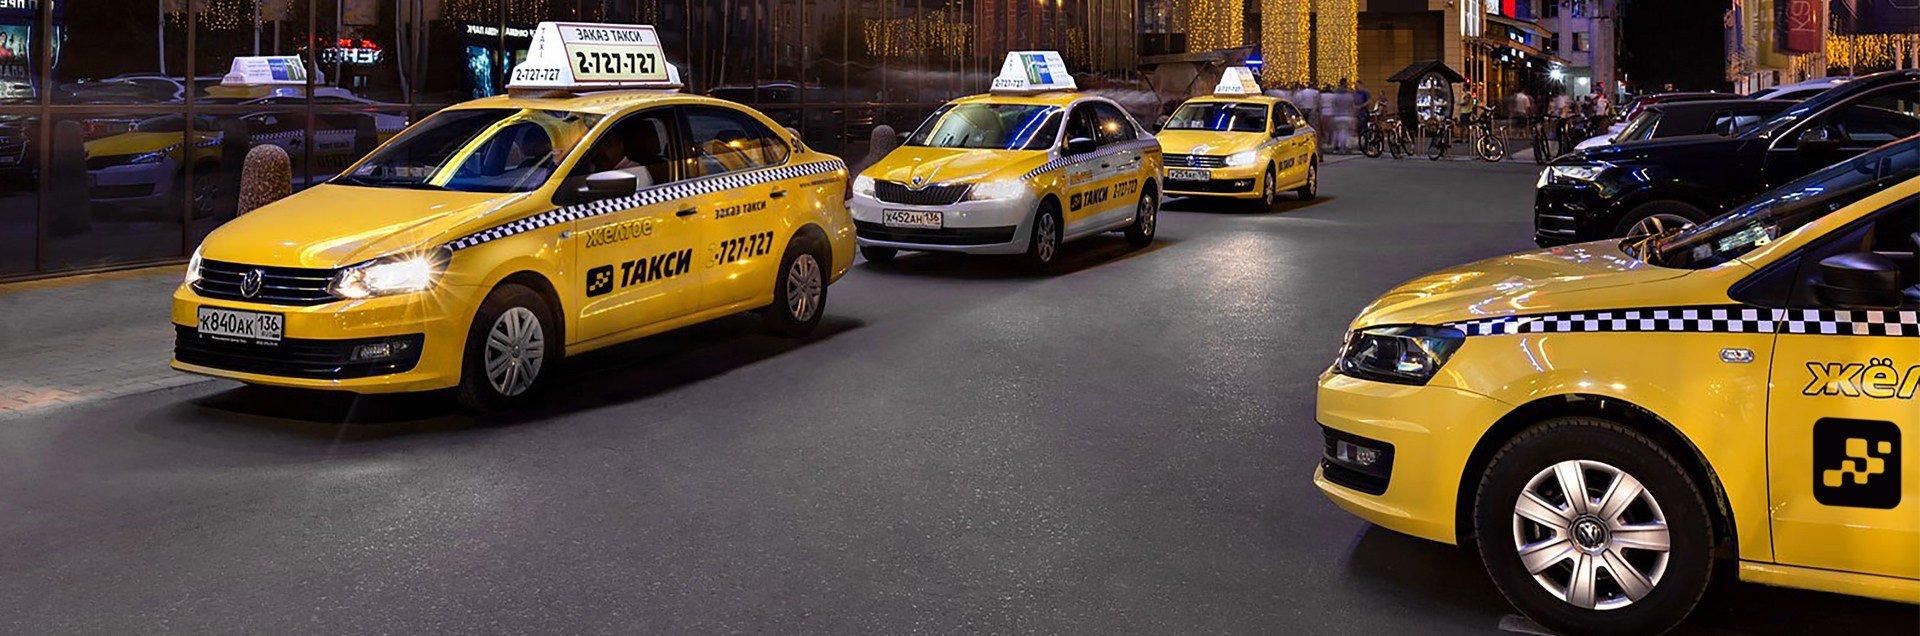 Электронный полис ОСАГО для такси — купить ОСАГО для такси онлайн